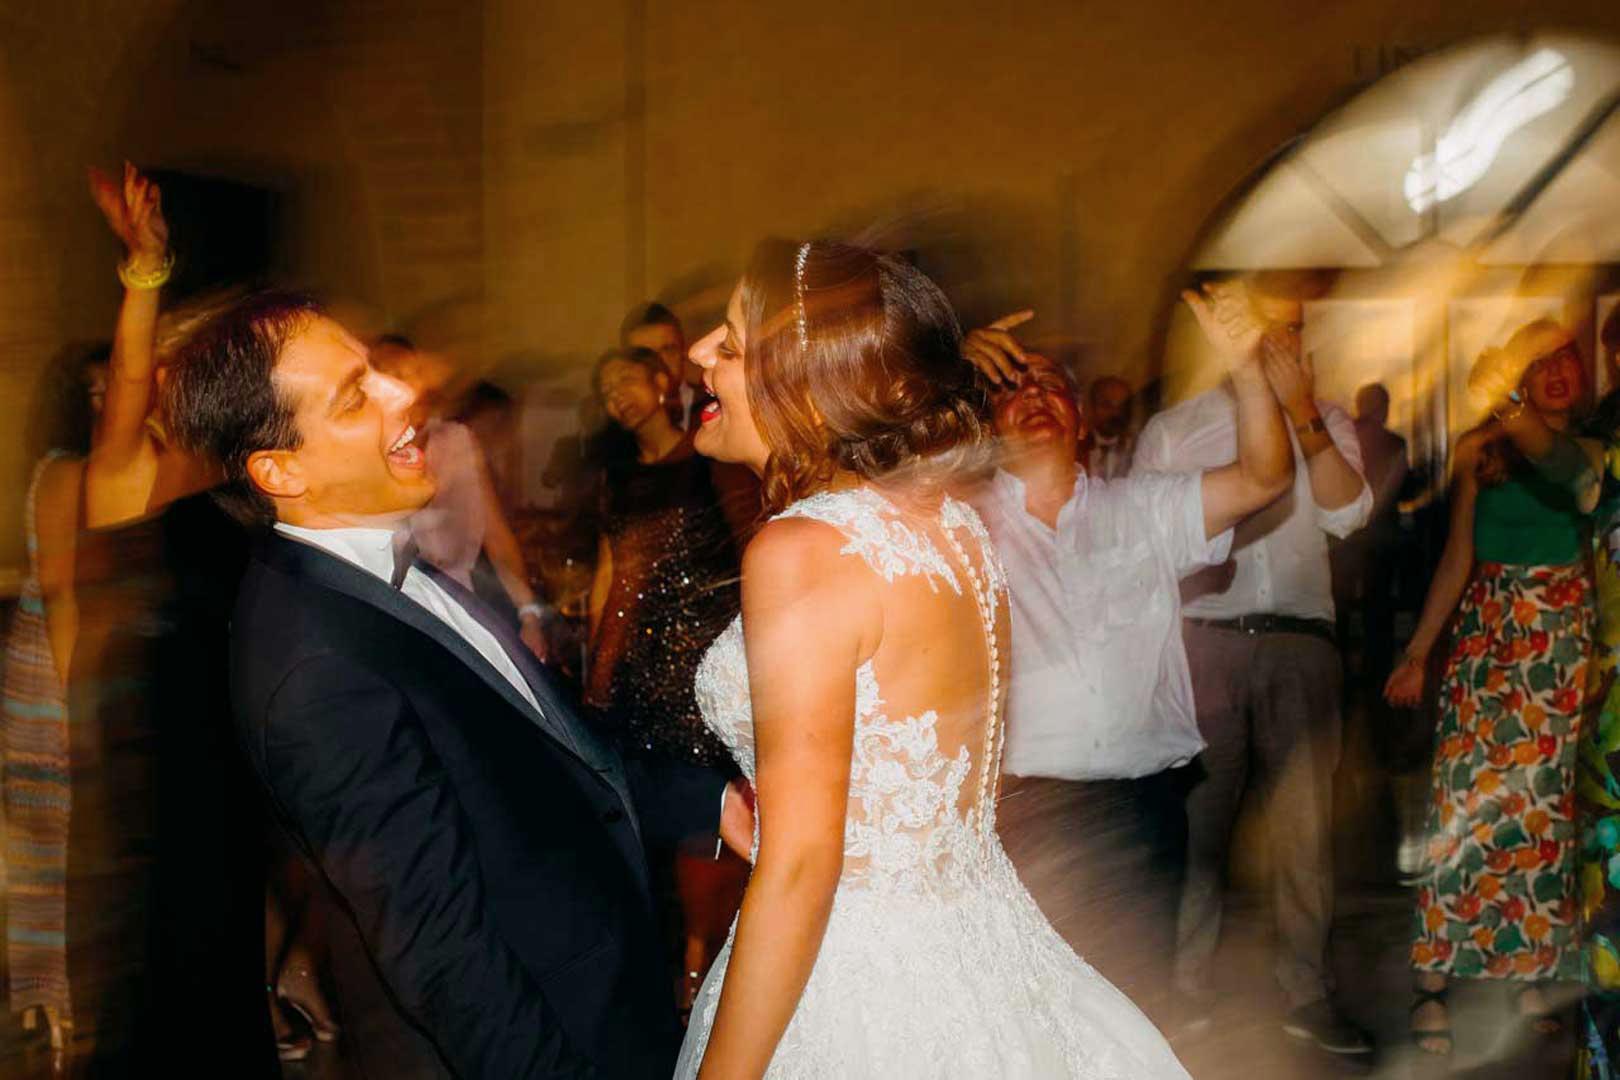 033-balli-matrimonio-gianni-lepore-fotografo